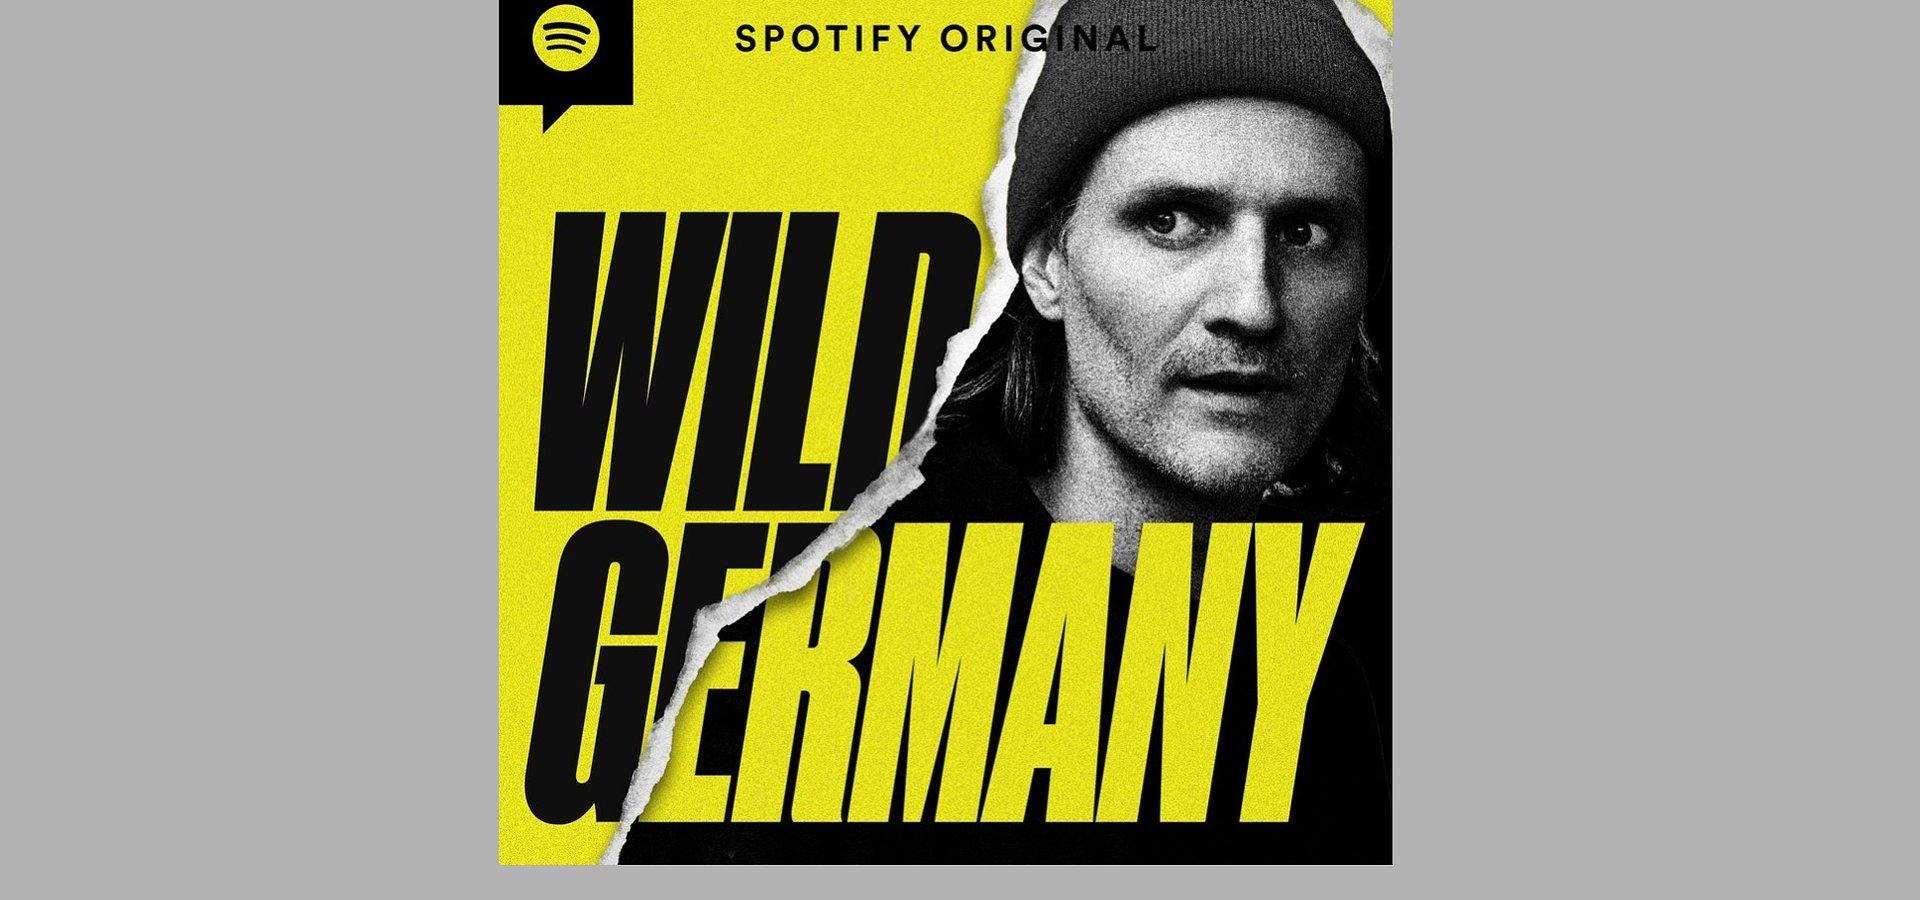 """Neuer Spotify Original Podcast """"Wild Germany"""" von und mit Manuel Möglich über außergewöhnliche Menschen"""